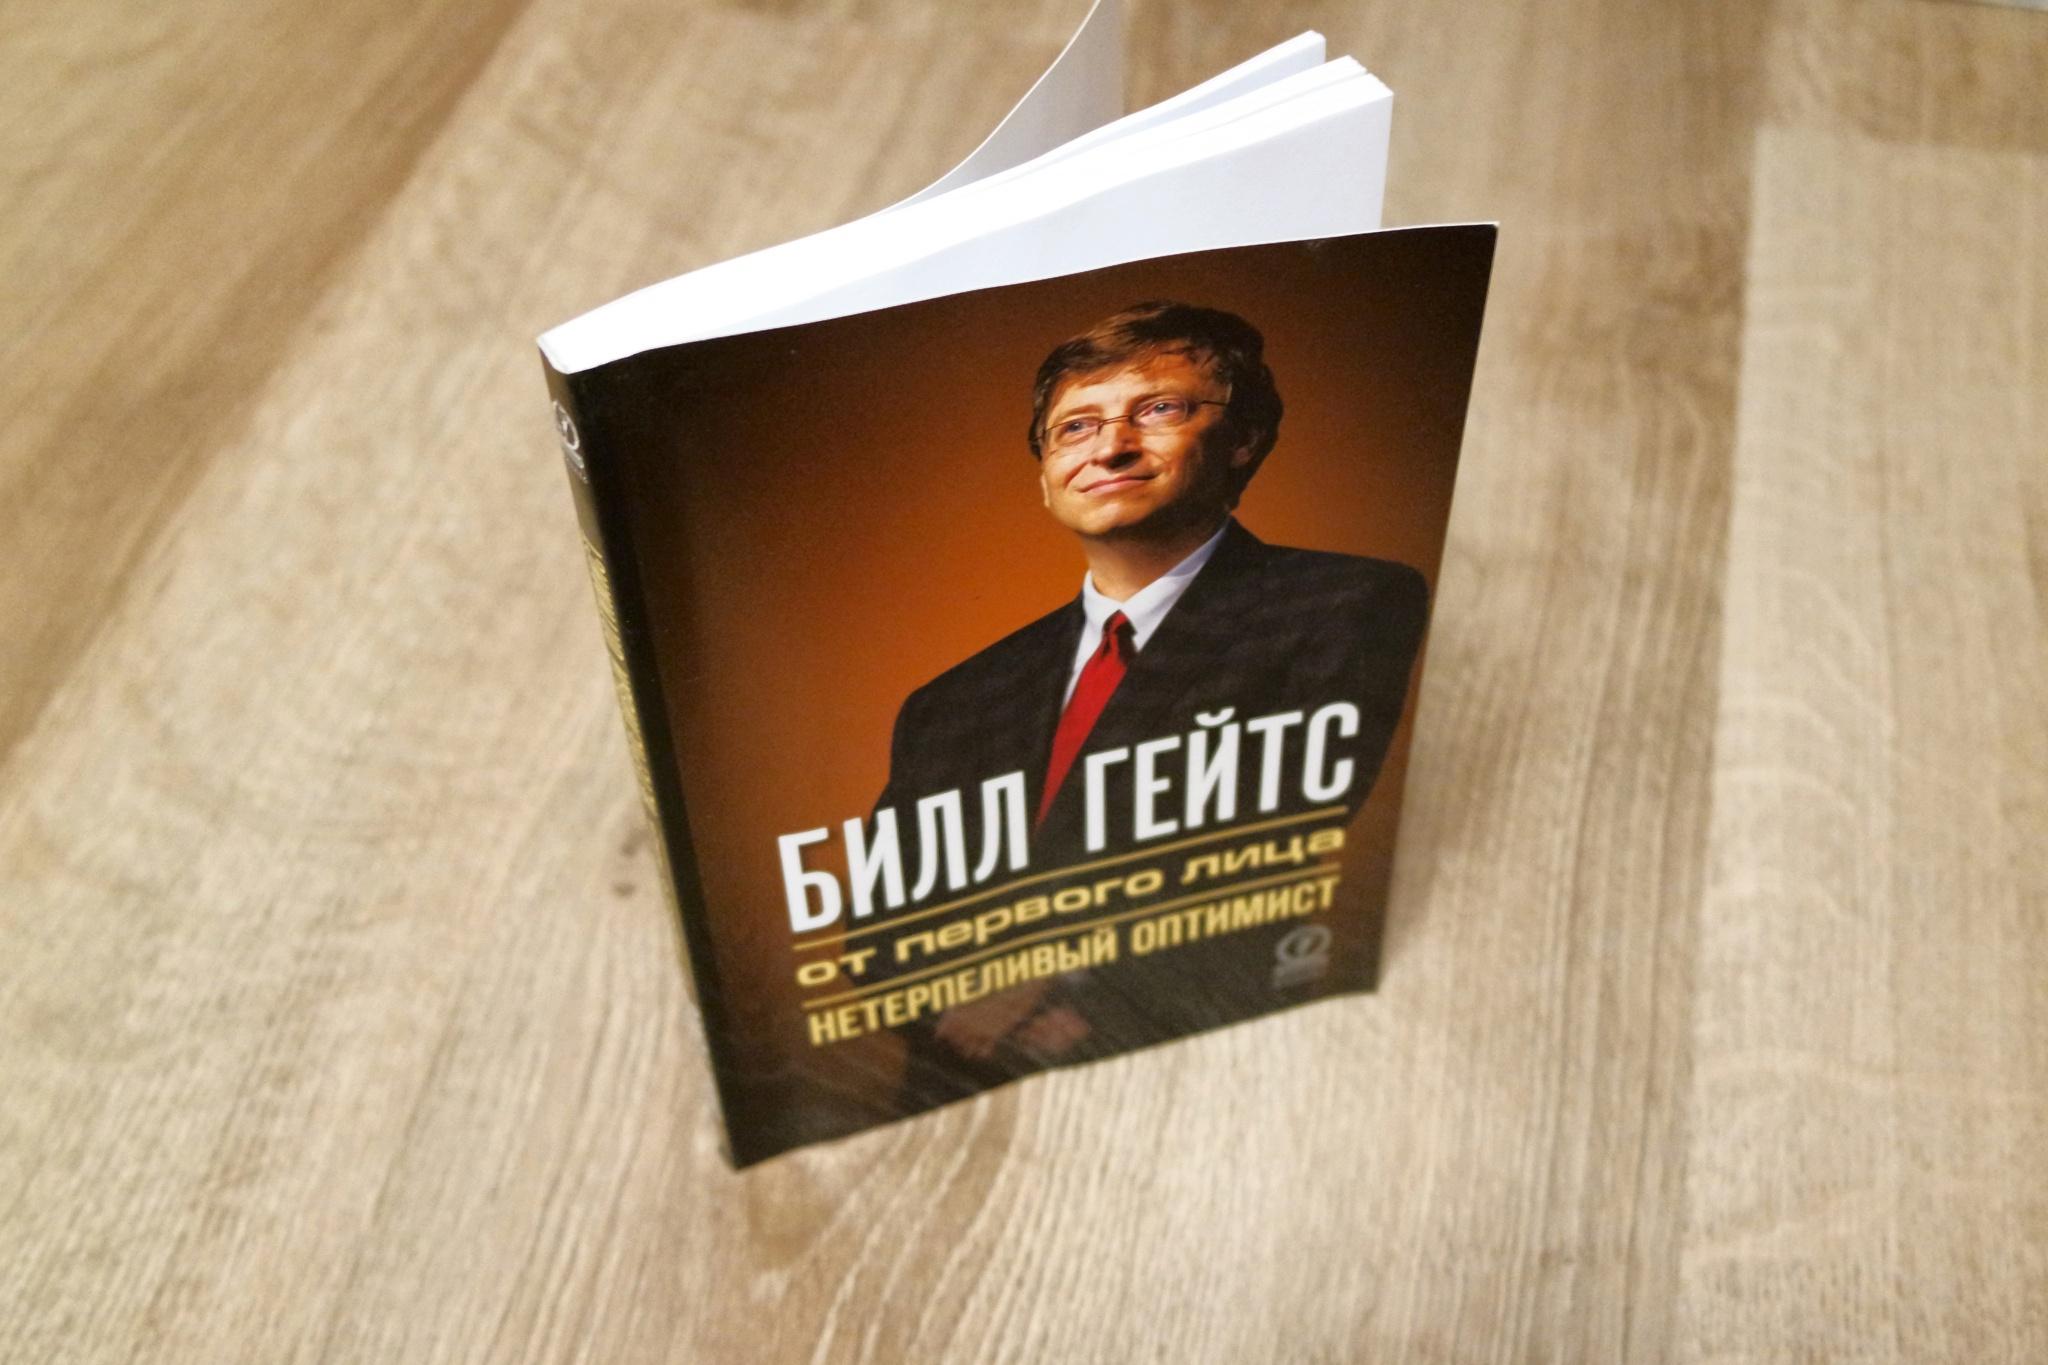 Билл Гейтс. От первого лица. Нетерпеливый оптимист